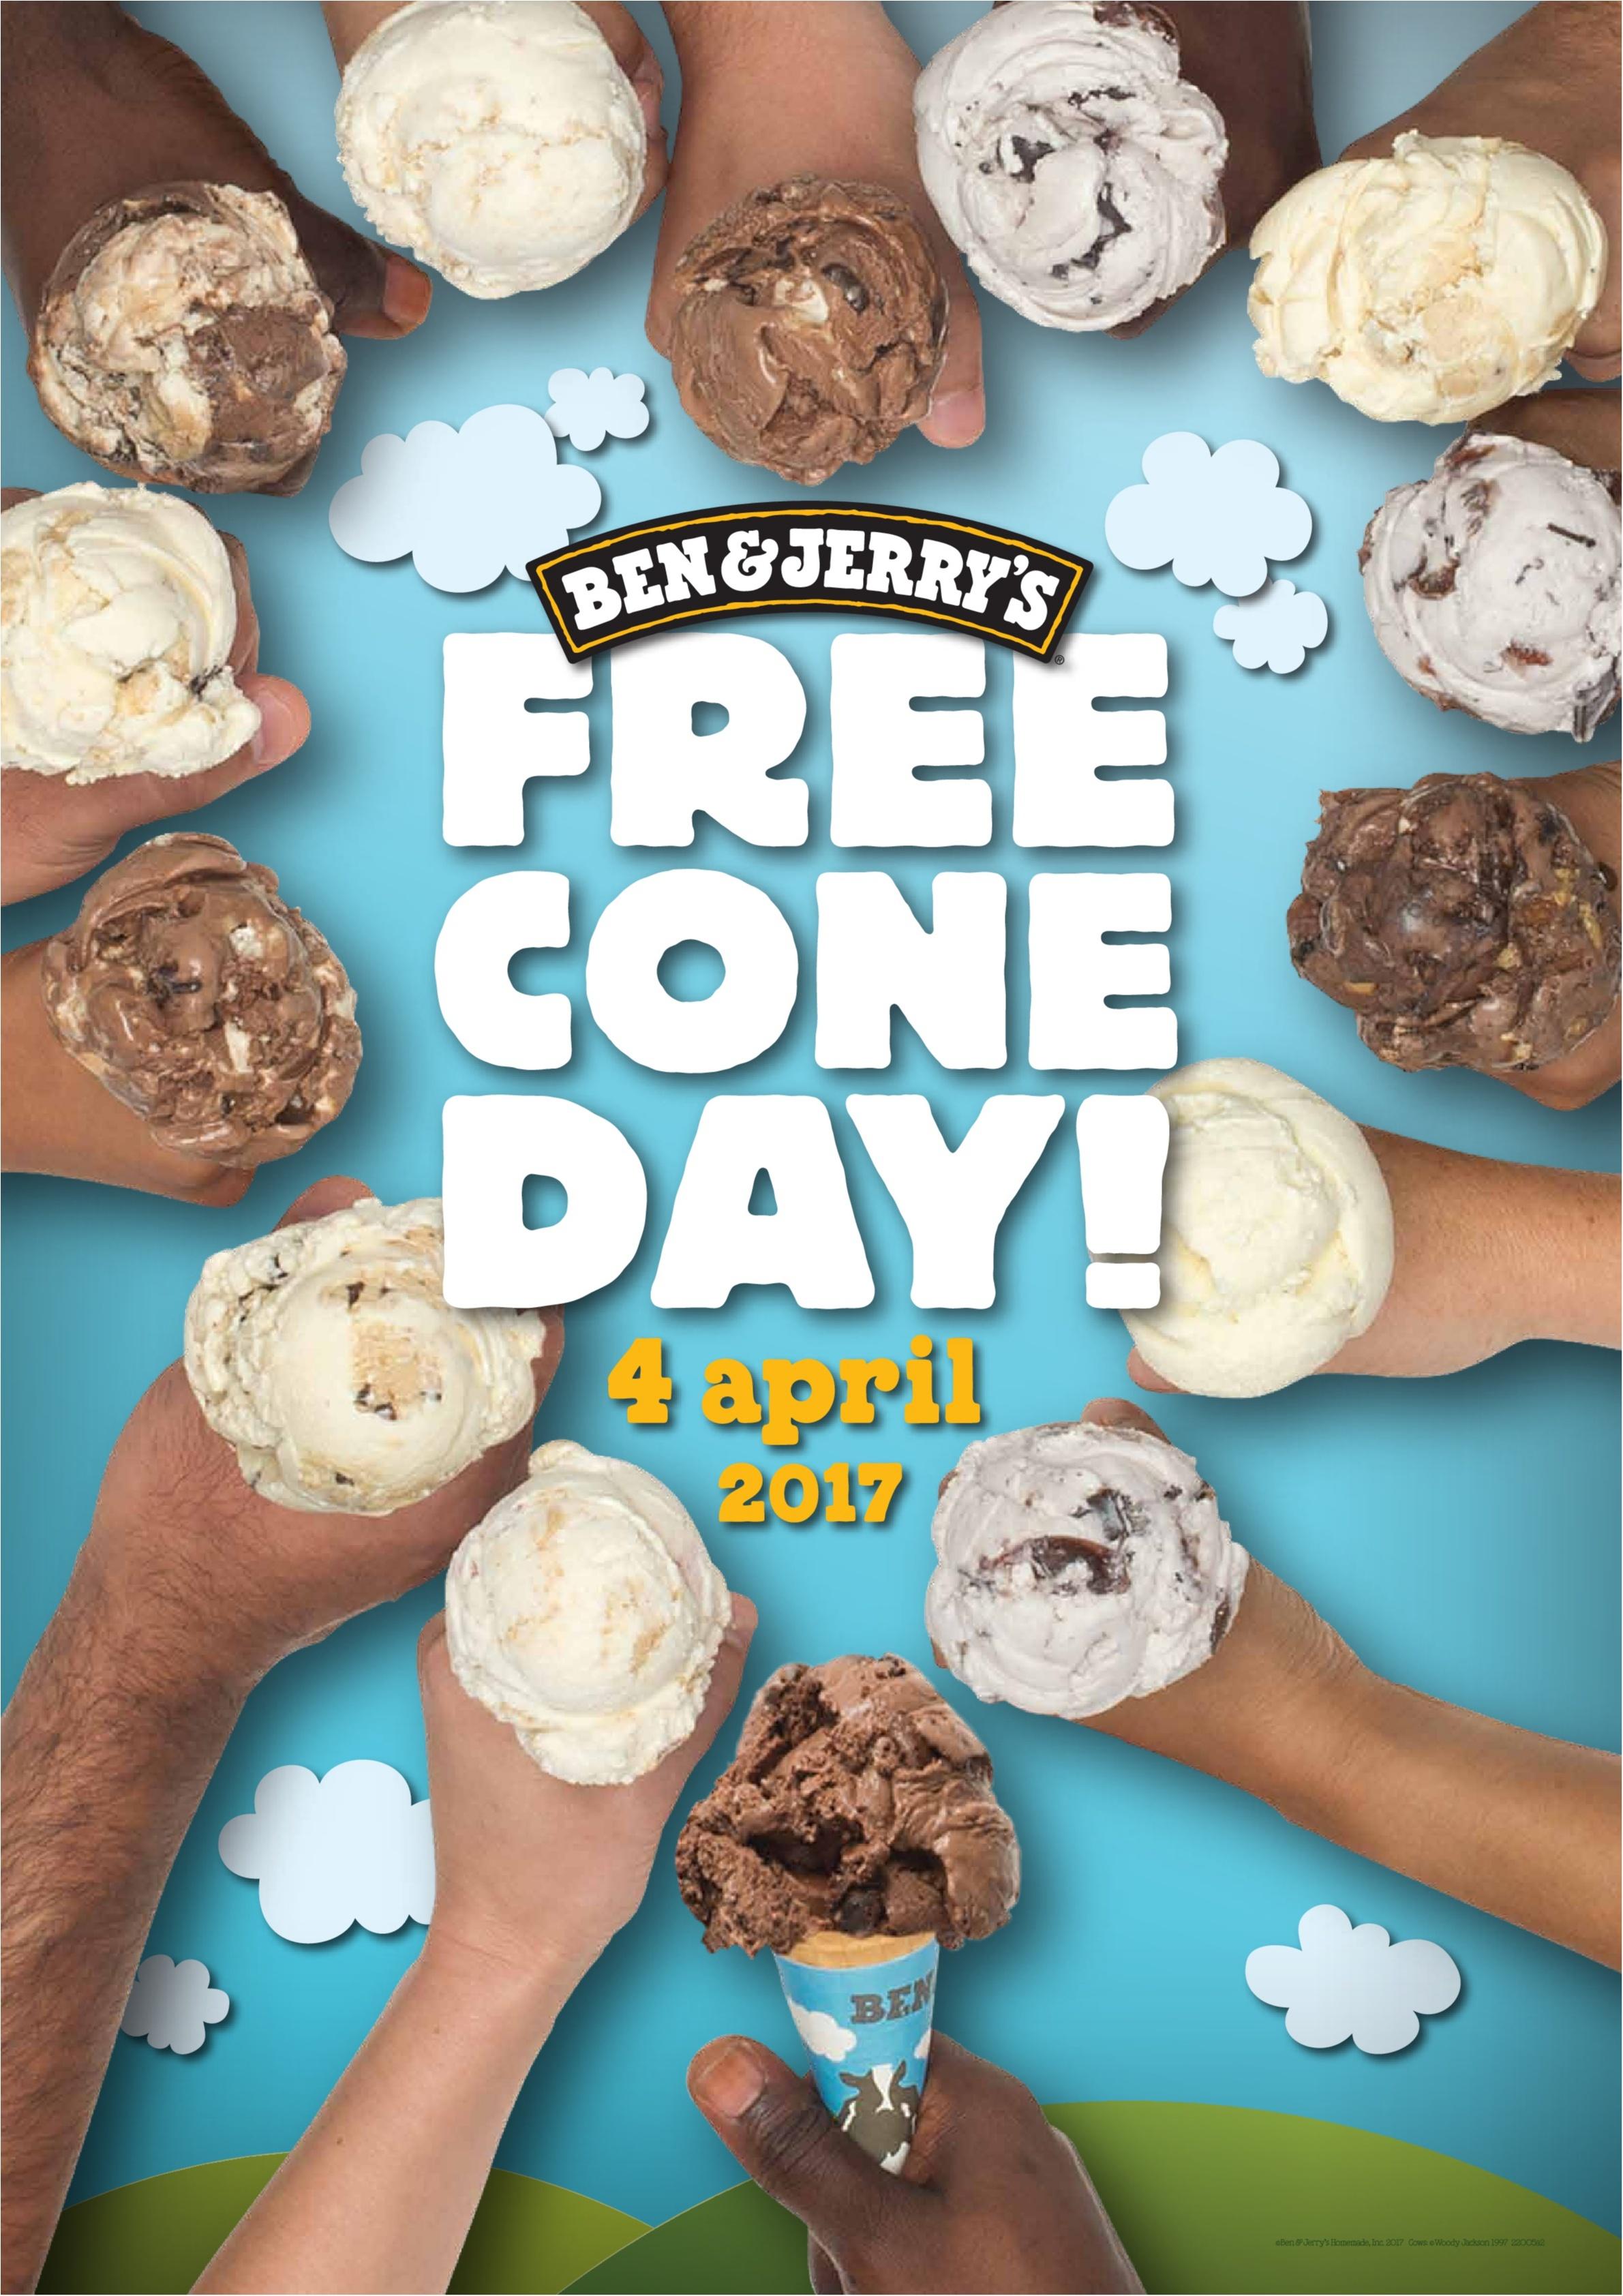 表参道&豊洲でアイスクリームが1日無料!!! 『BEN&JERRY'S』の「フリーコーンデー」今年は4/4(火)です♡_1